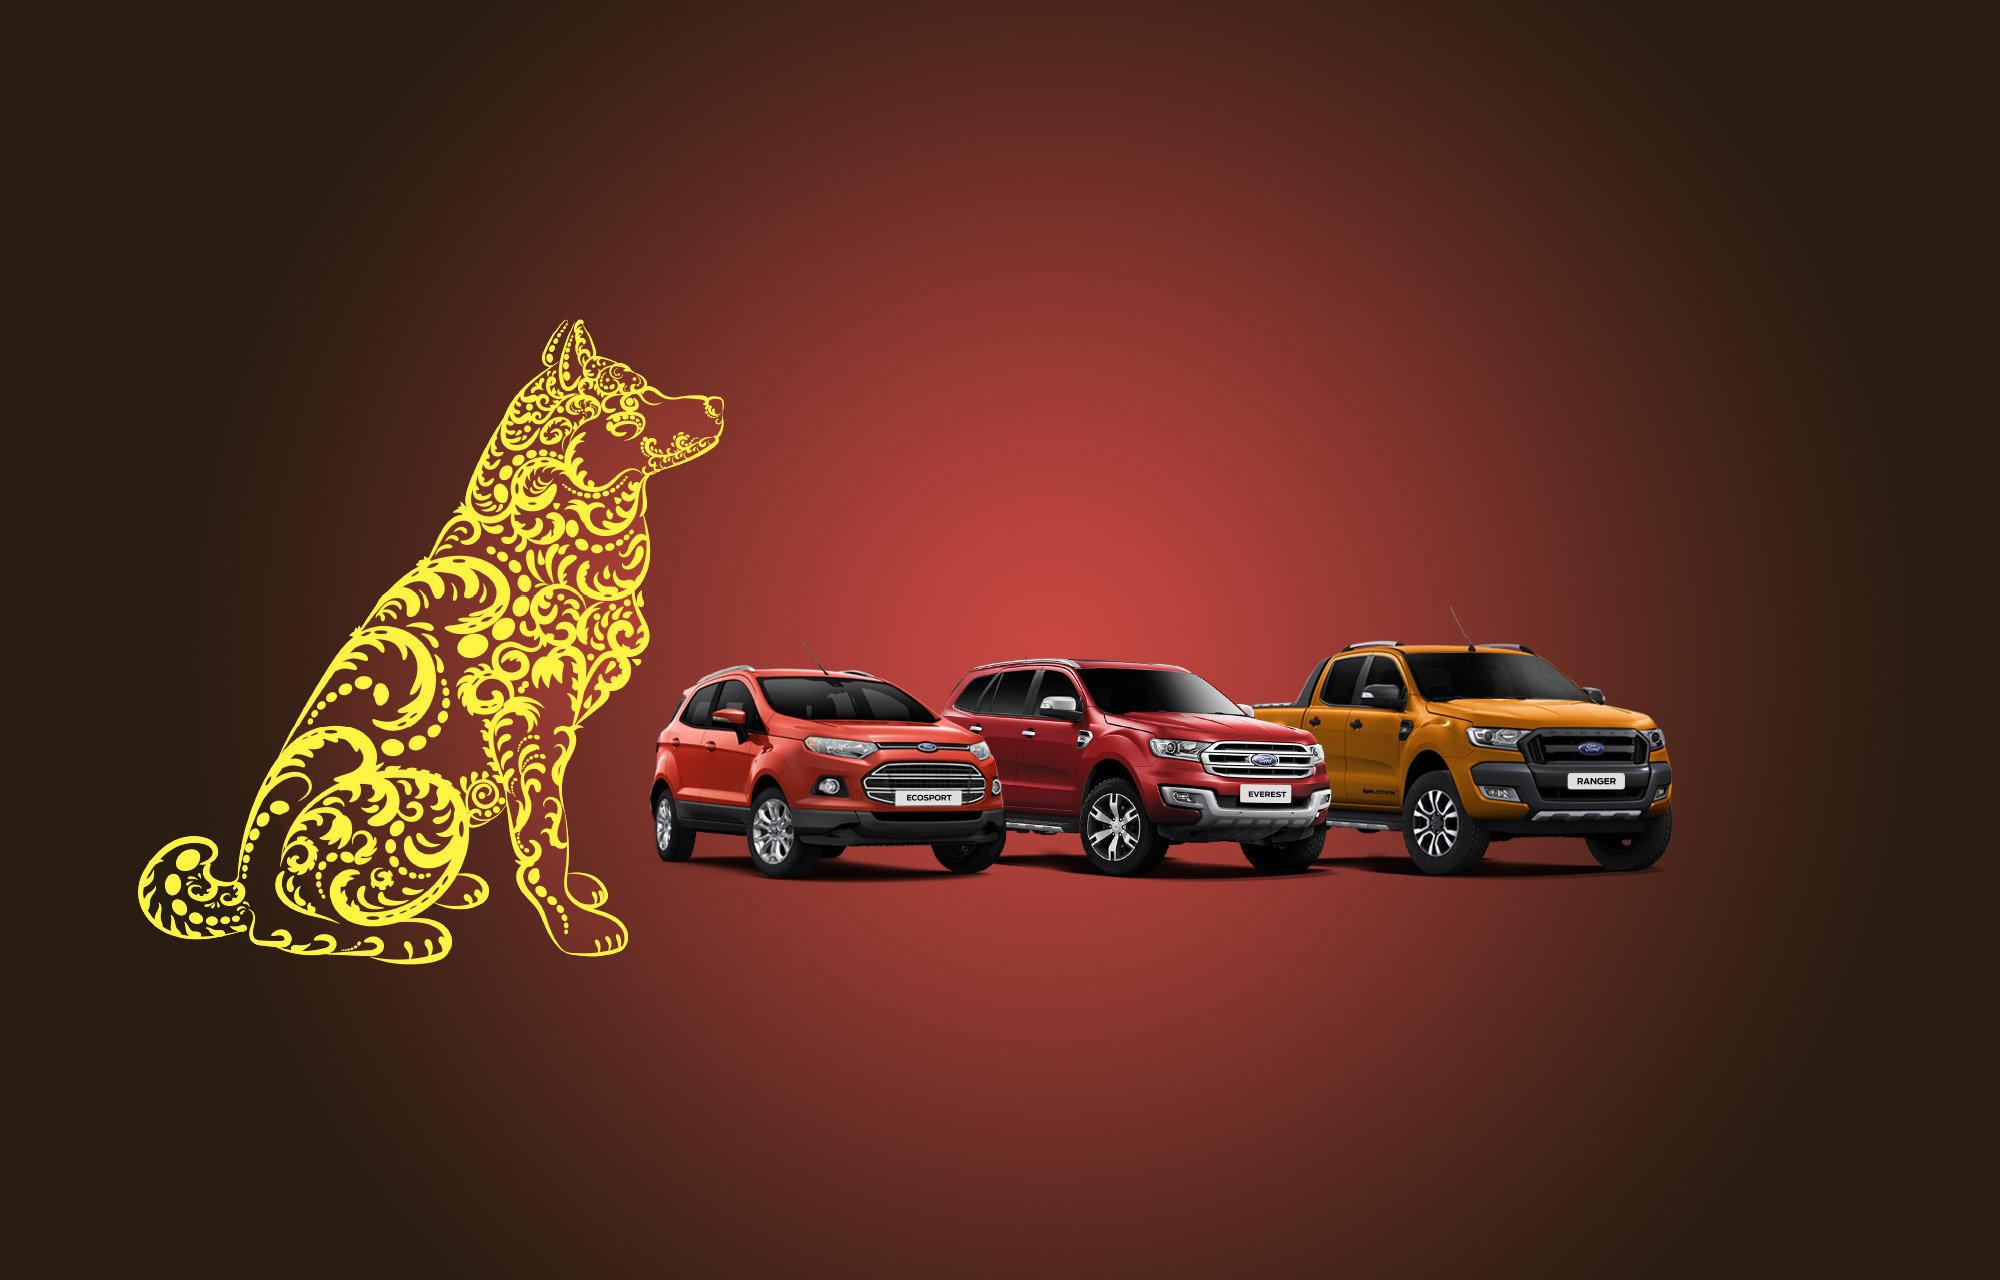 Ford: Những chiếc xe được chế tạo đáng tin cậy và bền bỉ